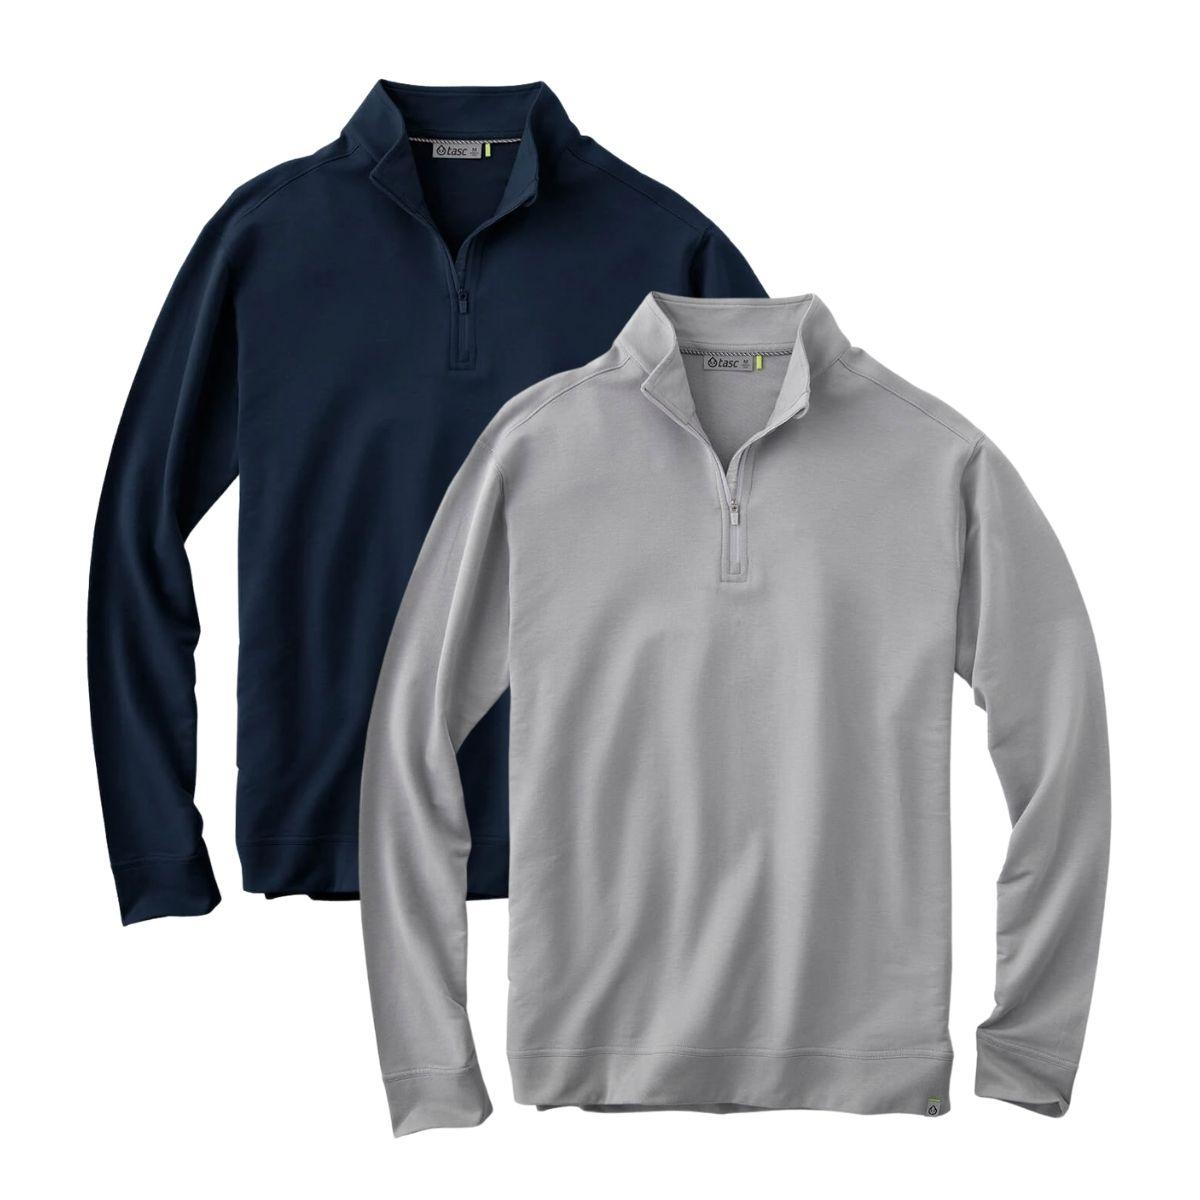 Tasc Men's 2021 Cloud Golf 1/4 Zip Pullover